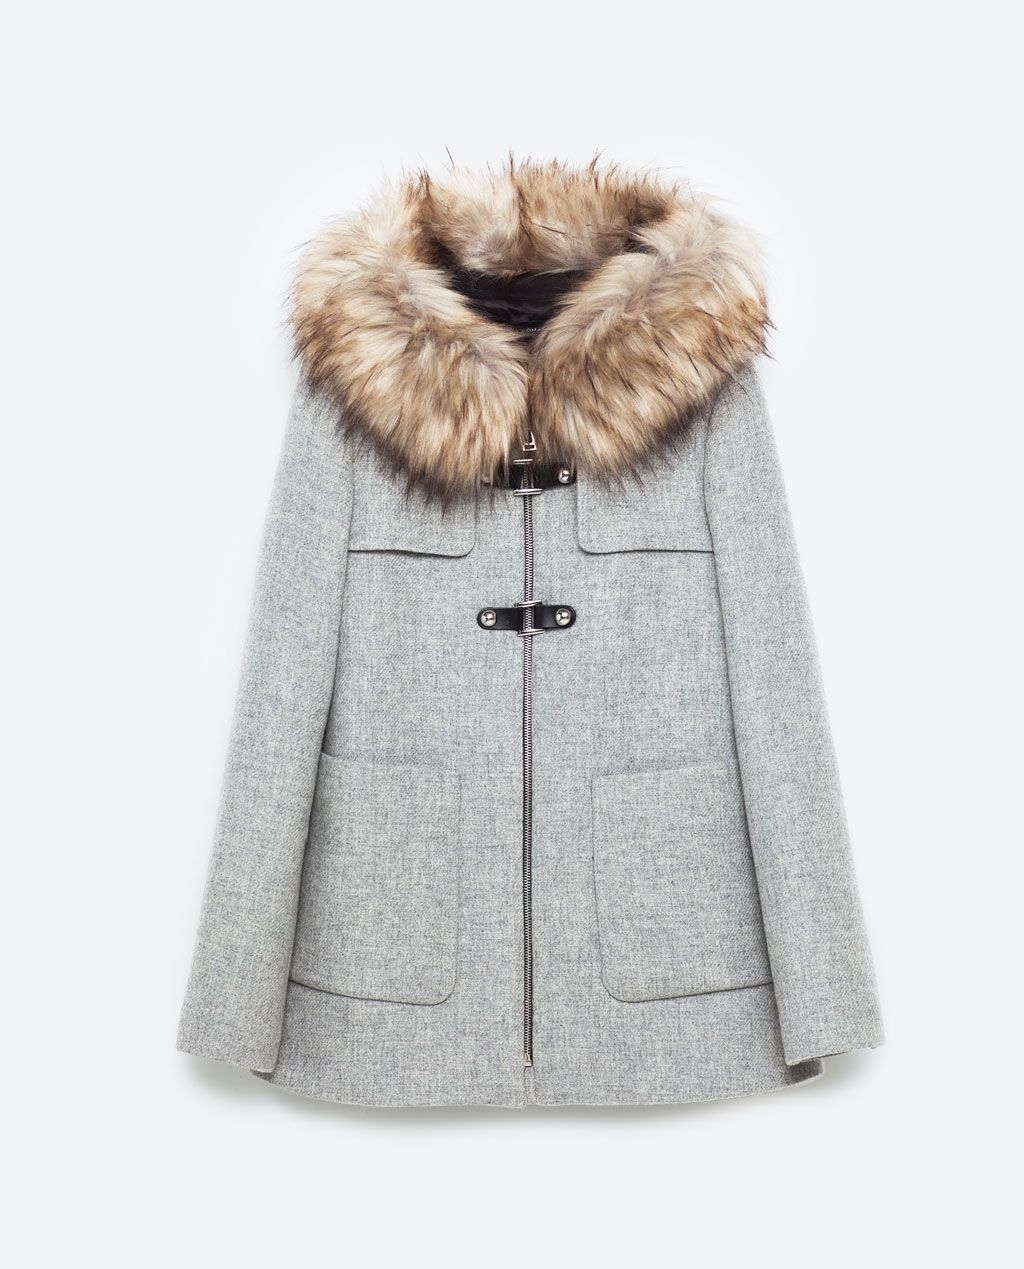 Duffle-Coat Zara Avec Col En Fausse Fourrure Amovible concernant Fausses Pieces Euros